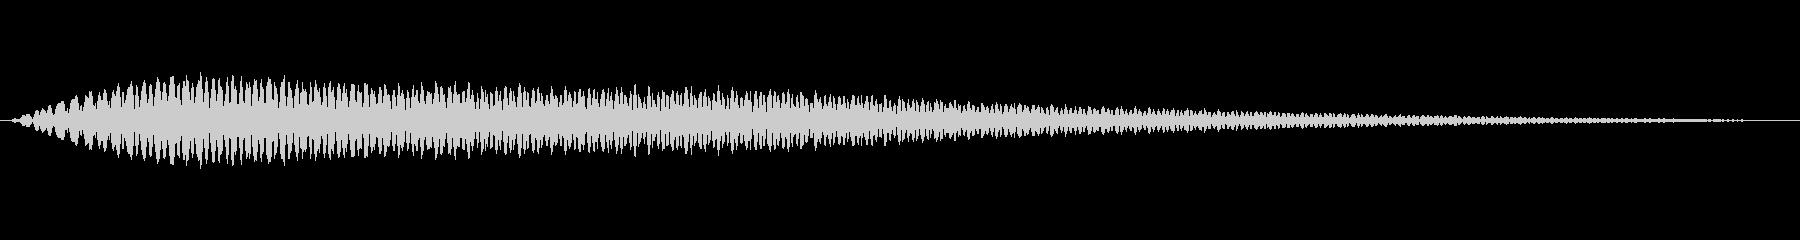 フィクション スペース フライング...の未再生の波形